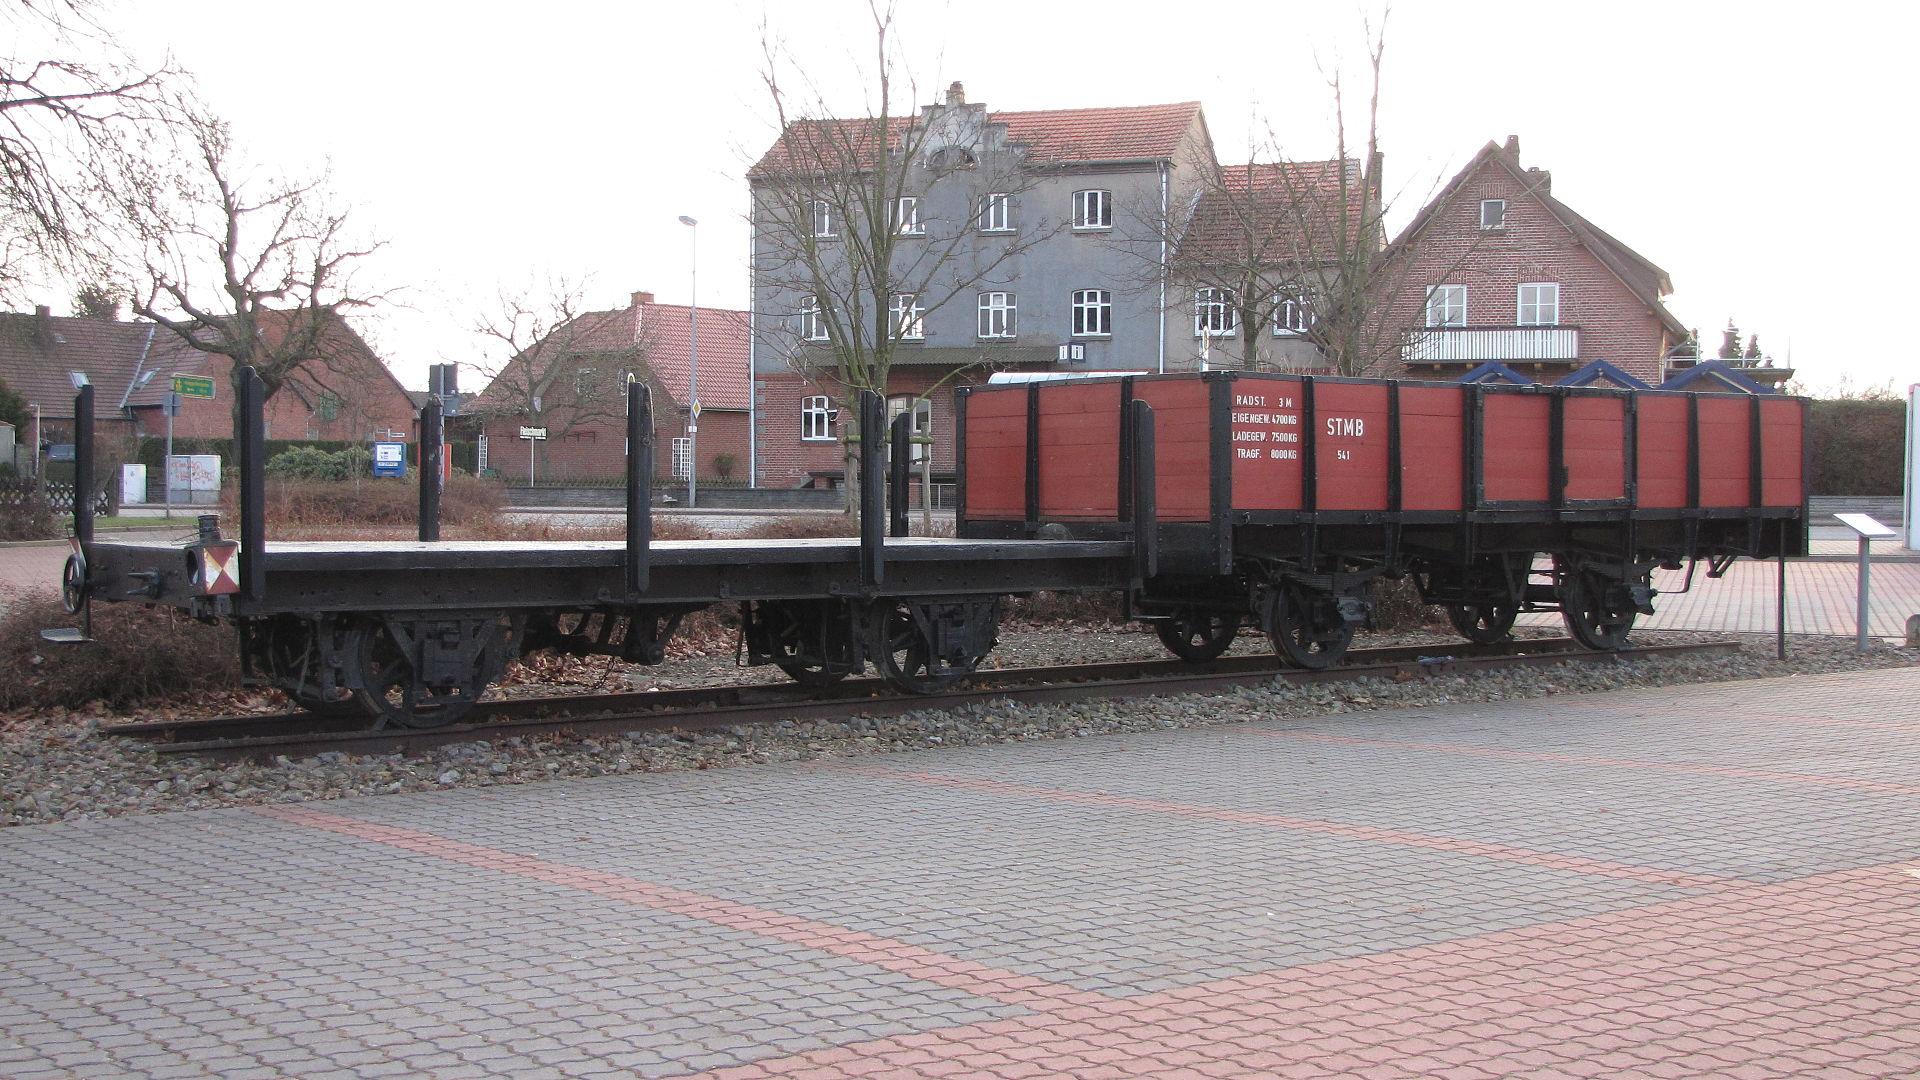 Bild Steinhuder Meer Bahn